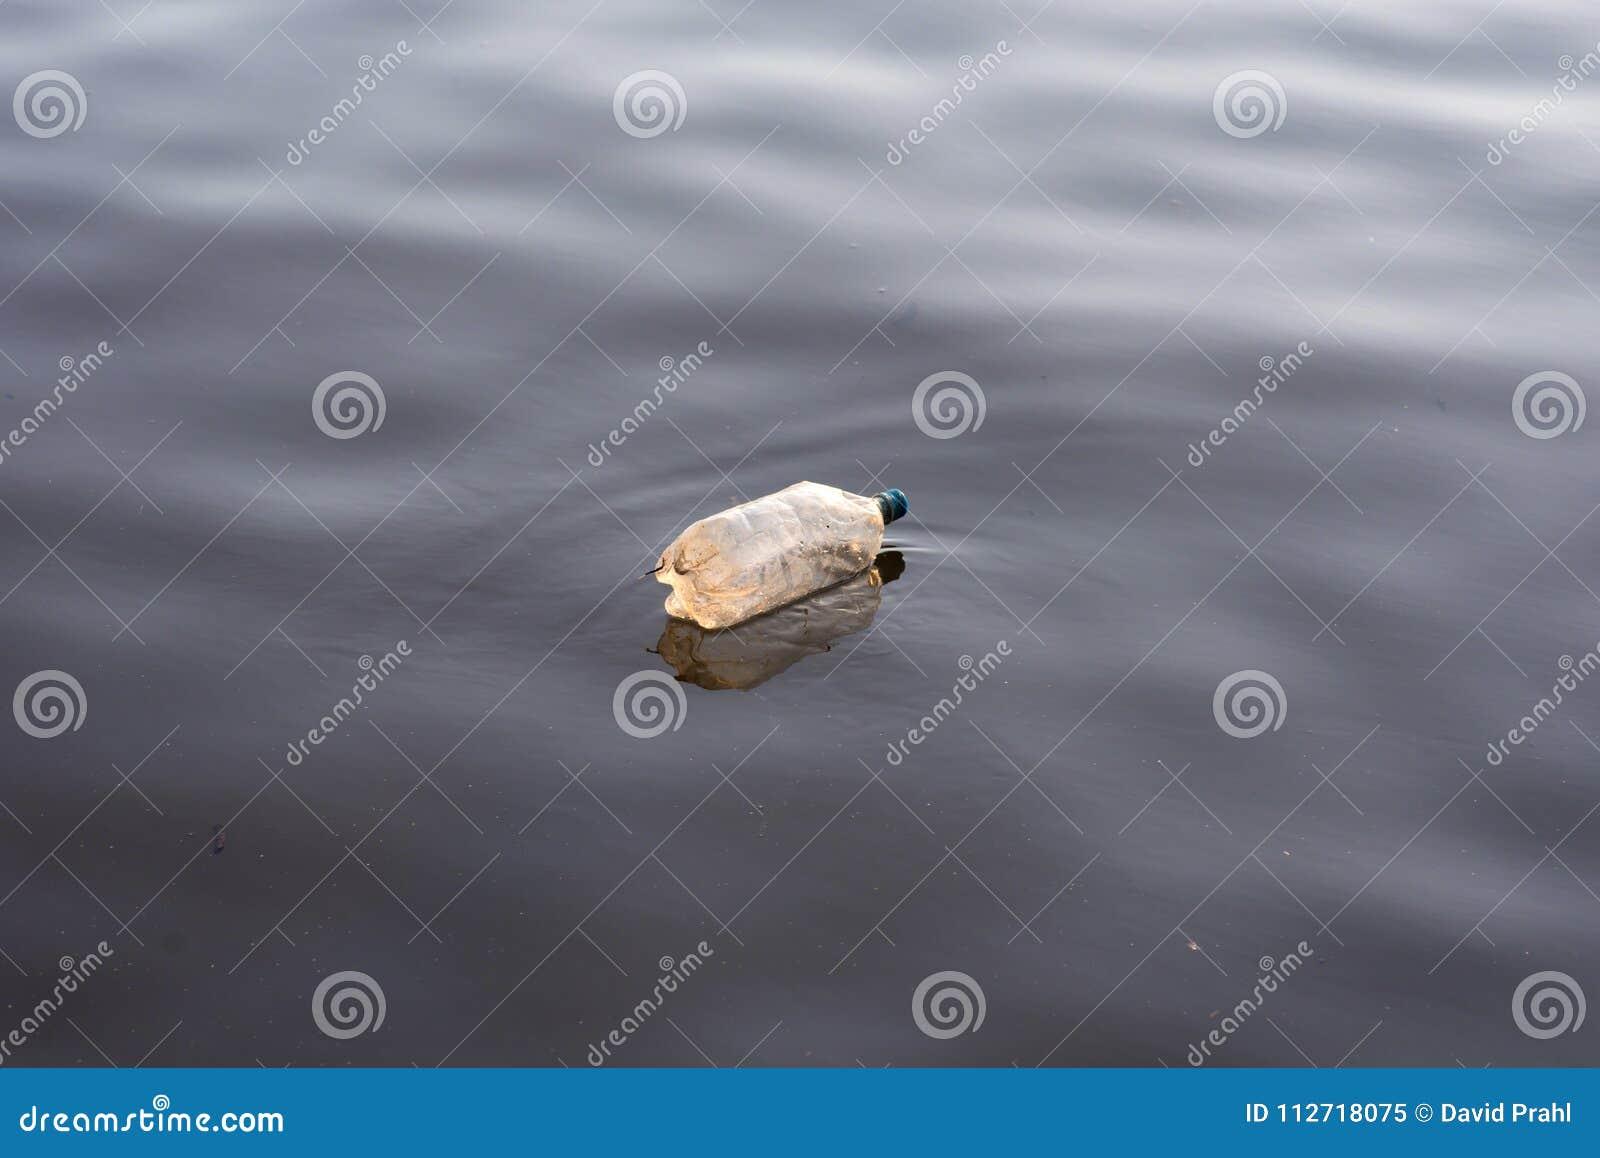 Ενιαία πλαστικά απορρίματα μπουκαλιών νερό που επιπλέουν στο νερό λιμνών